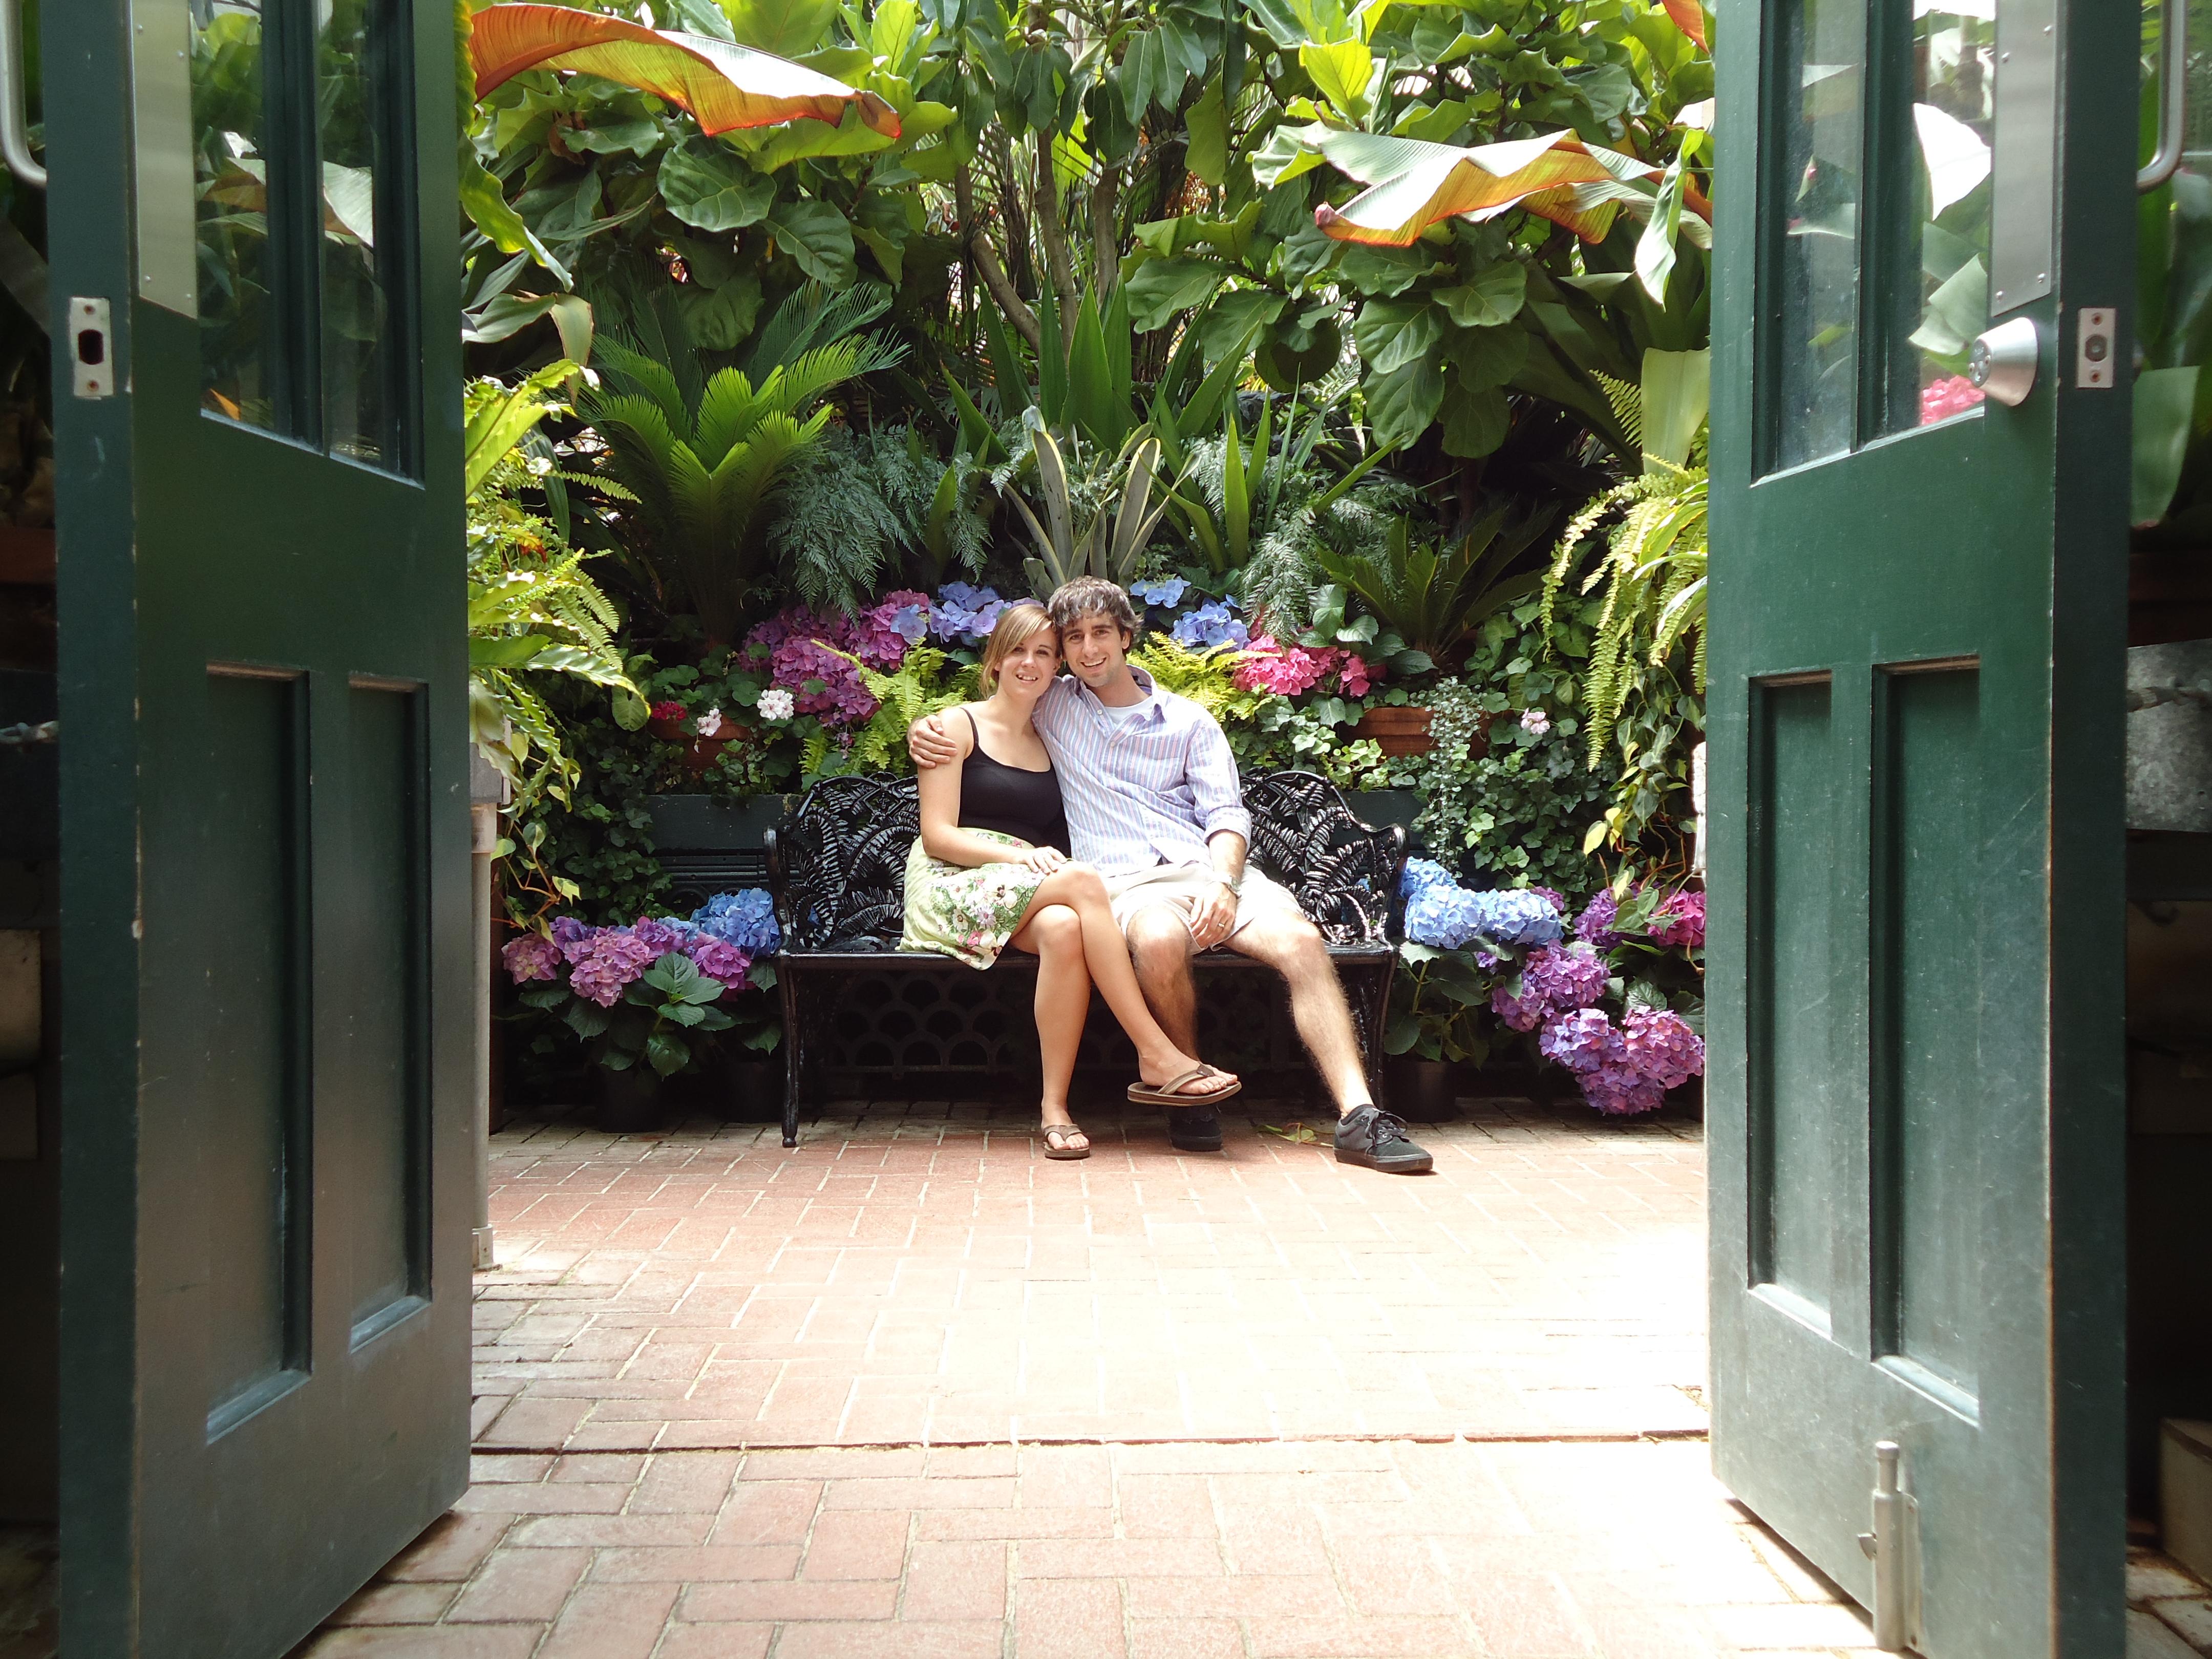 A Cruising Couple, Biltmore Gardens, Asheville